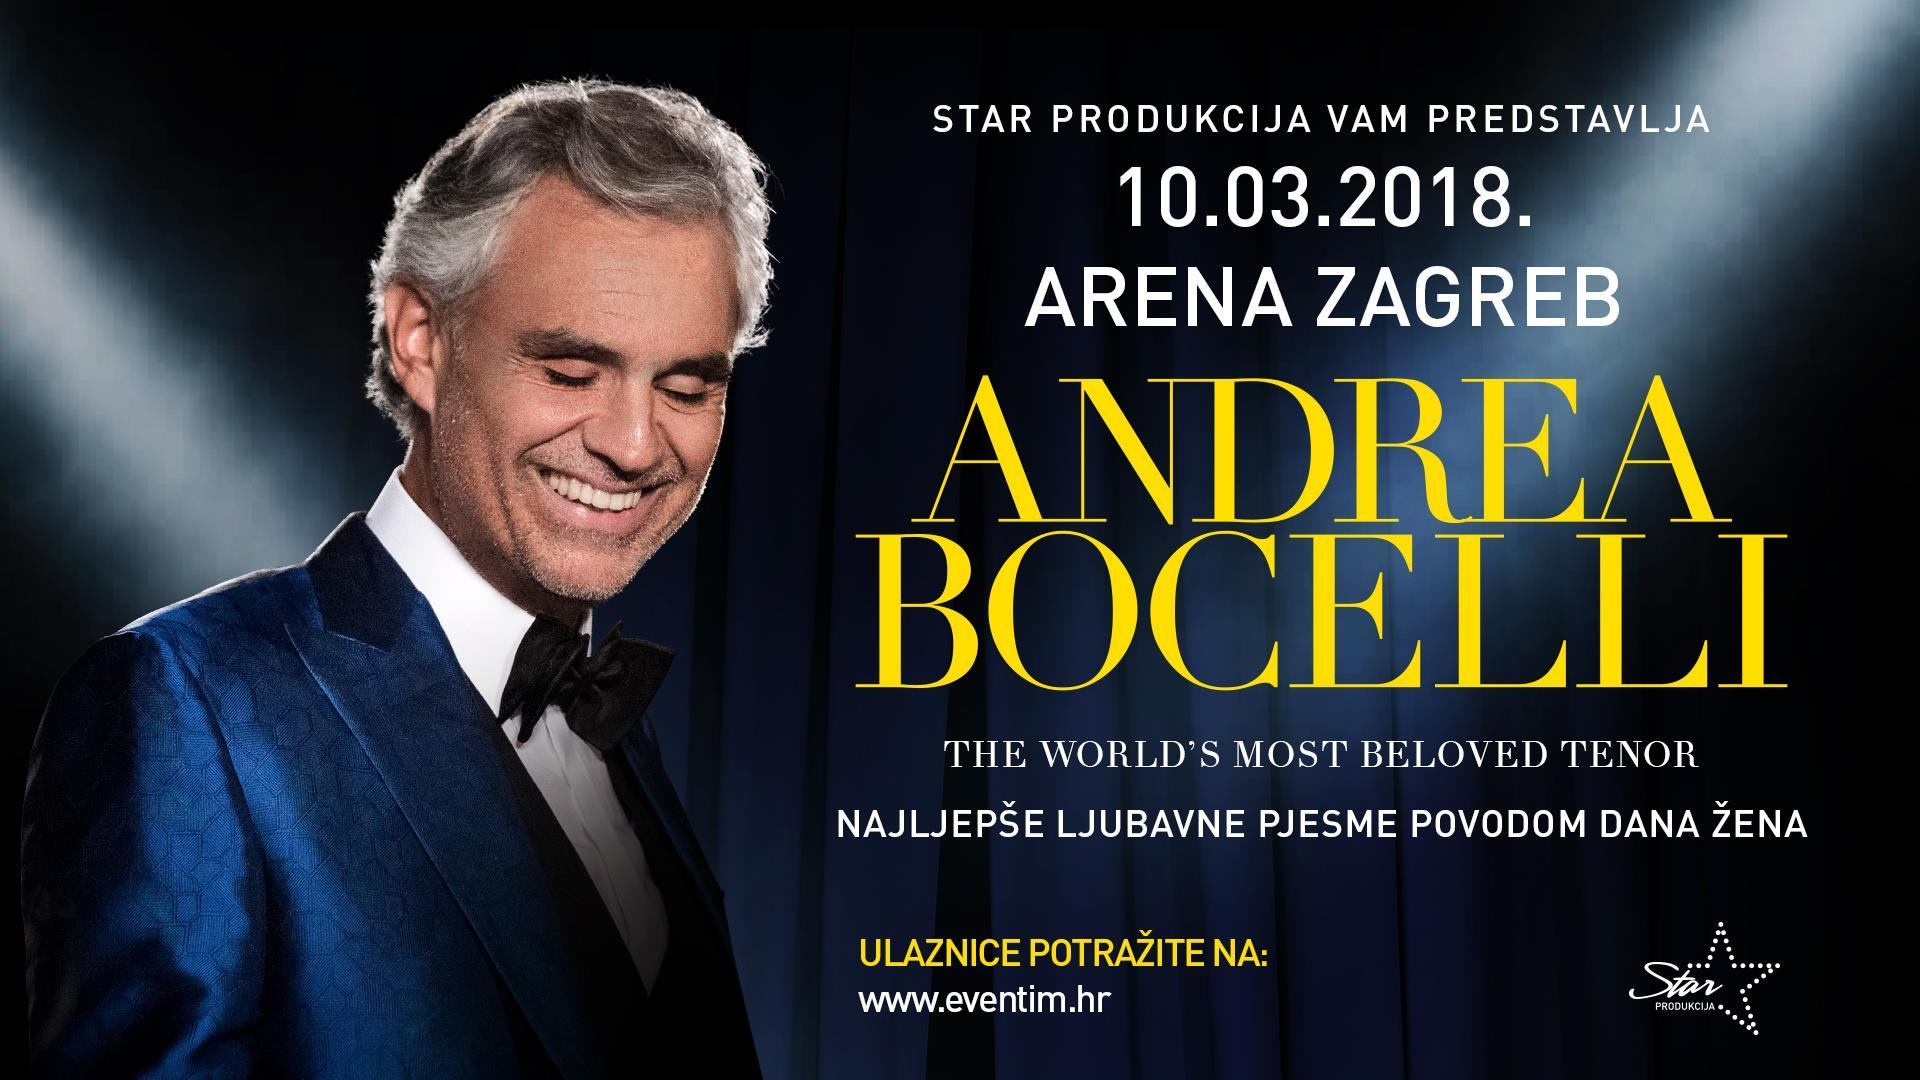 Andrea Bocelli bez problema određuje ovogodišnji raspored nastupa i najavljuje koncert u Zagrebu